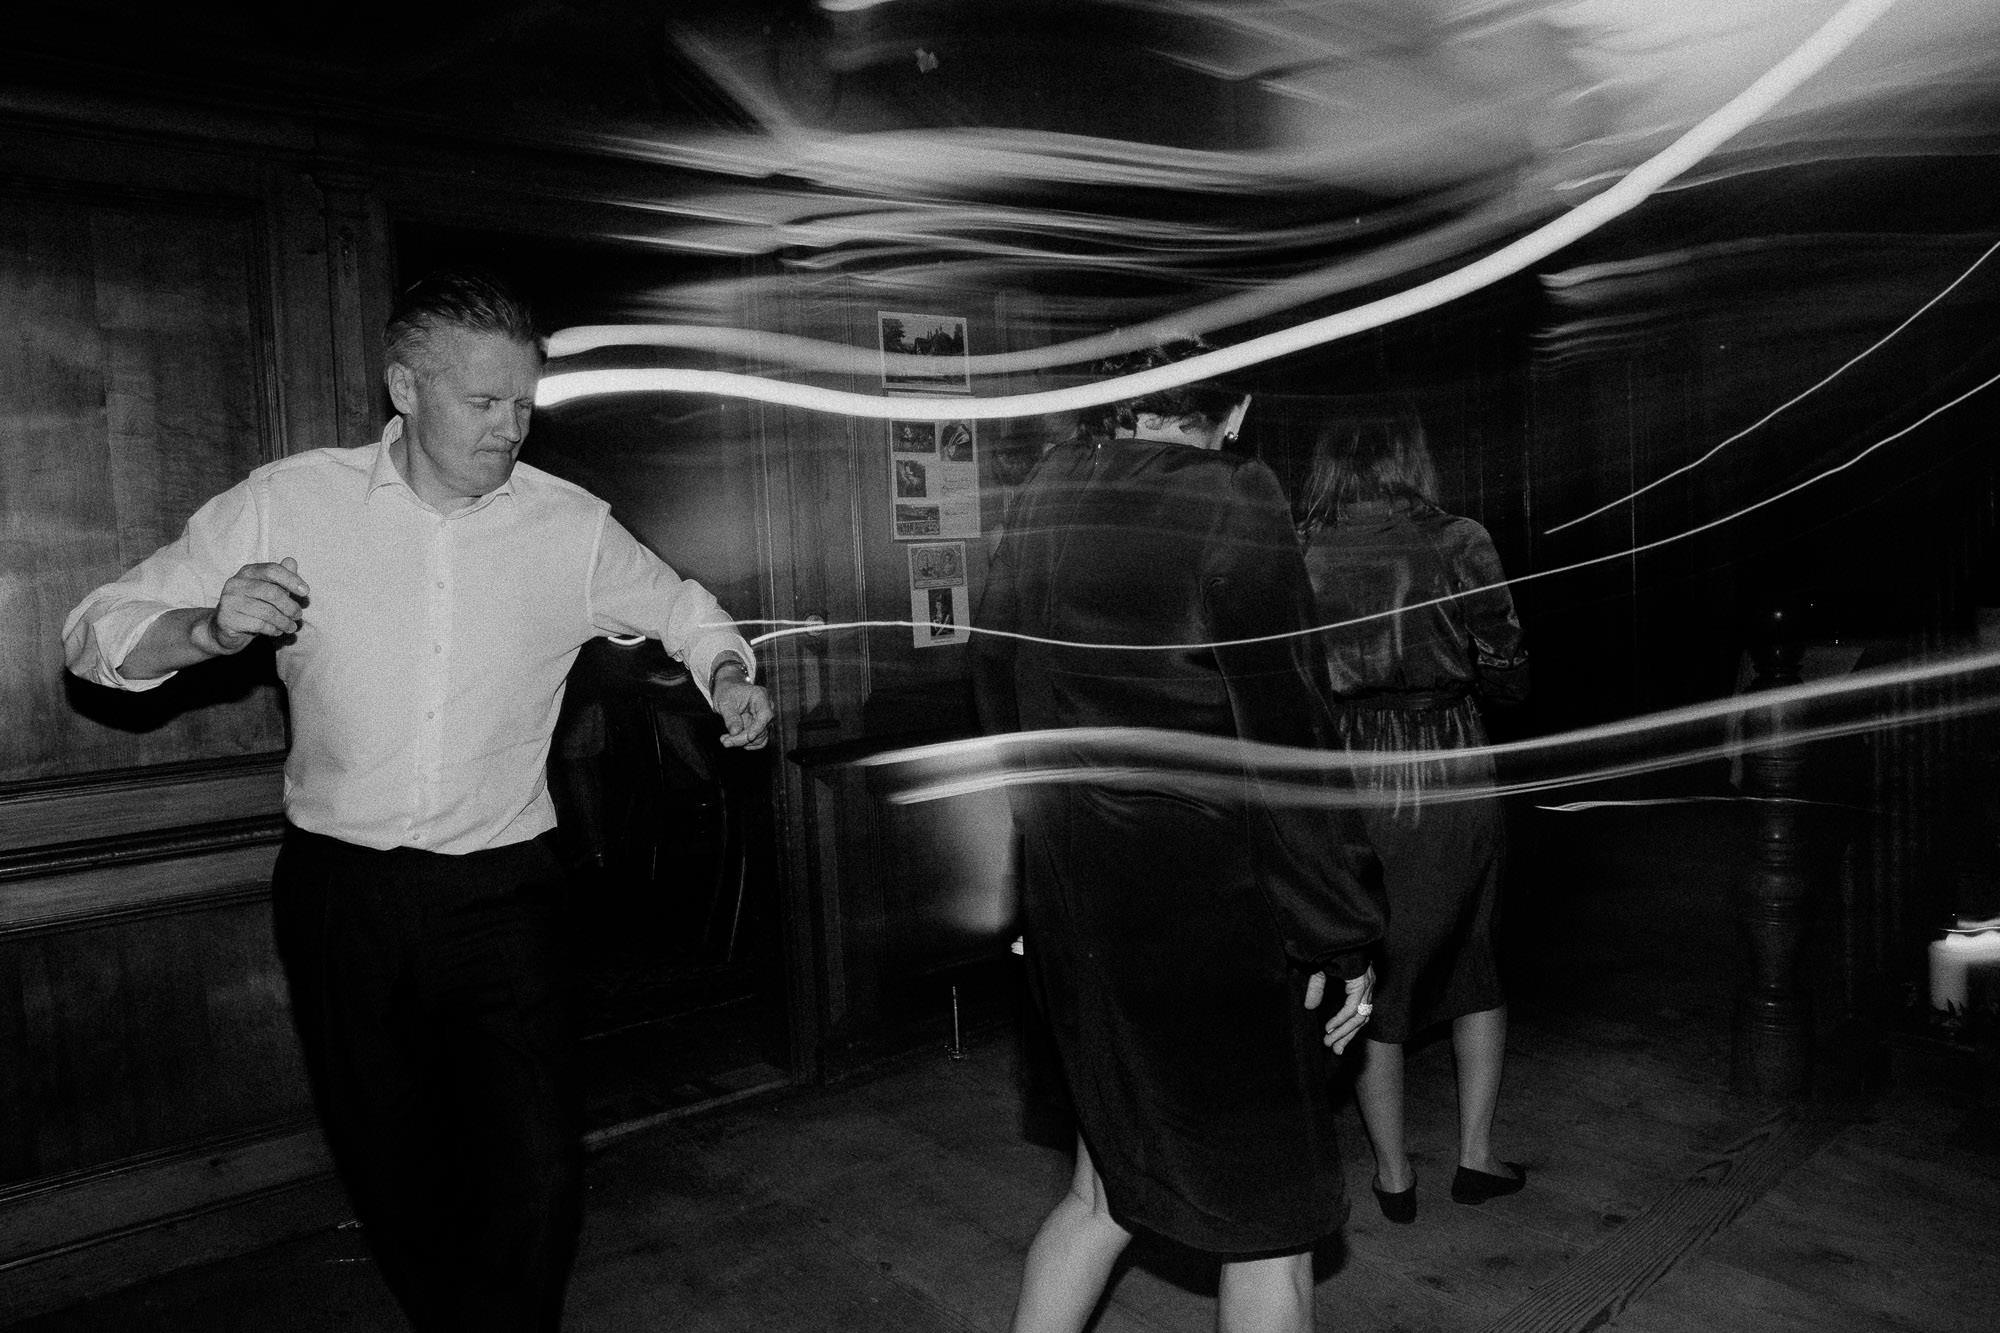 hochzeitsfotograf vorarlberg villa maund party